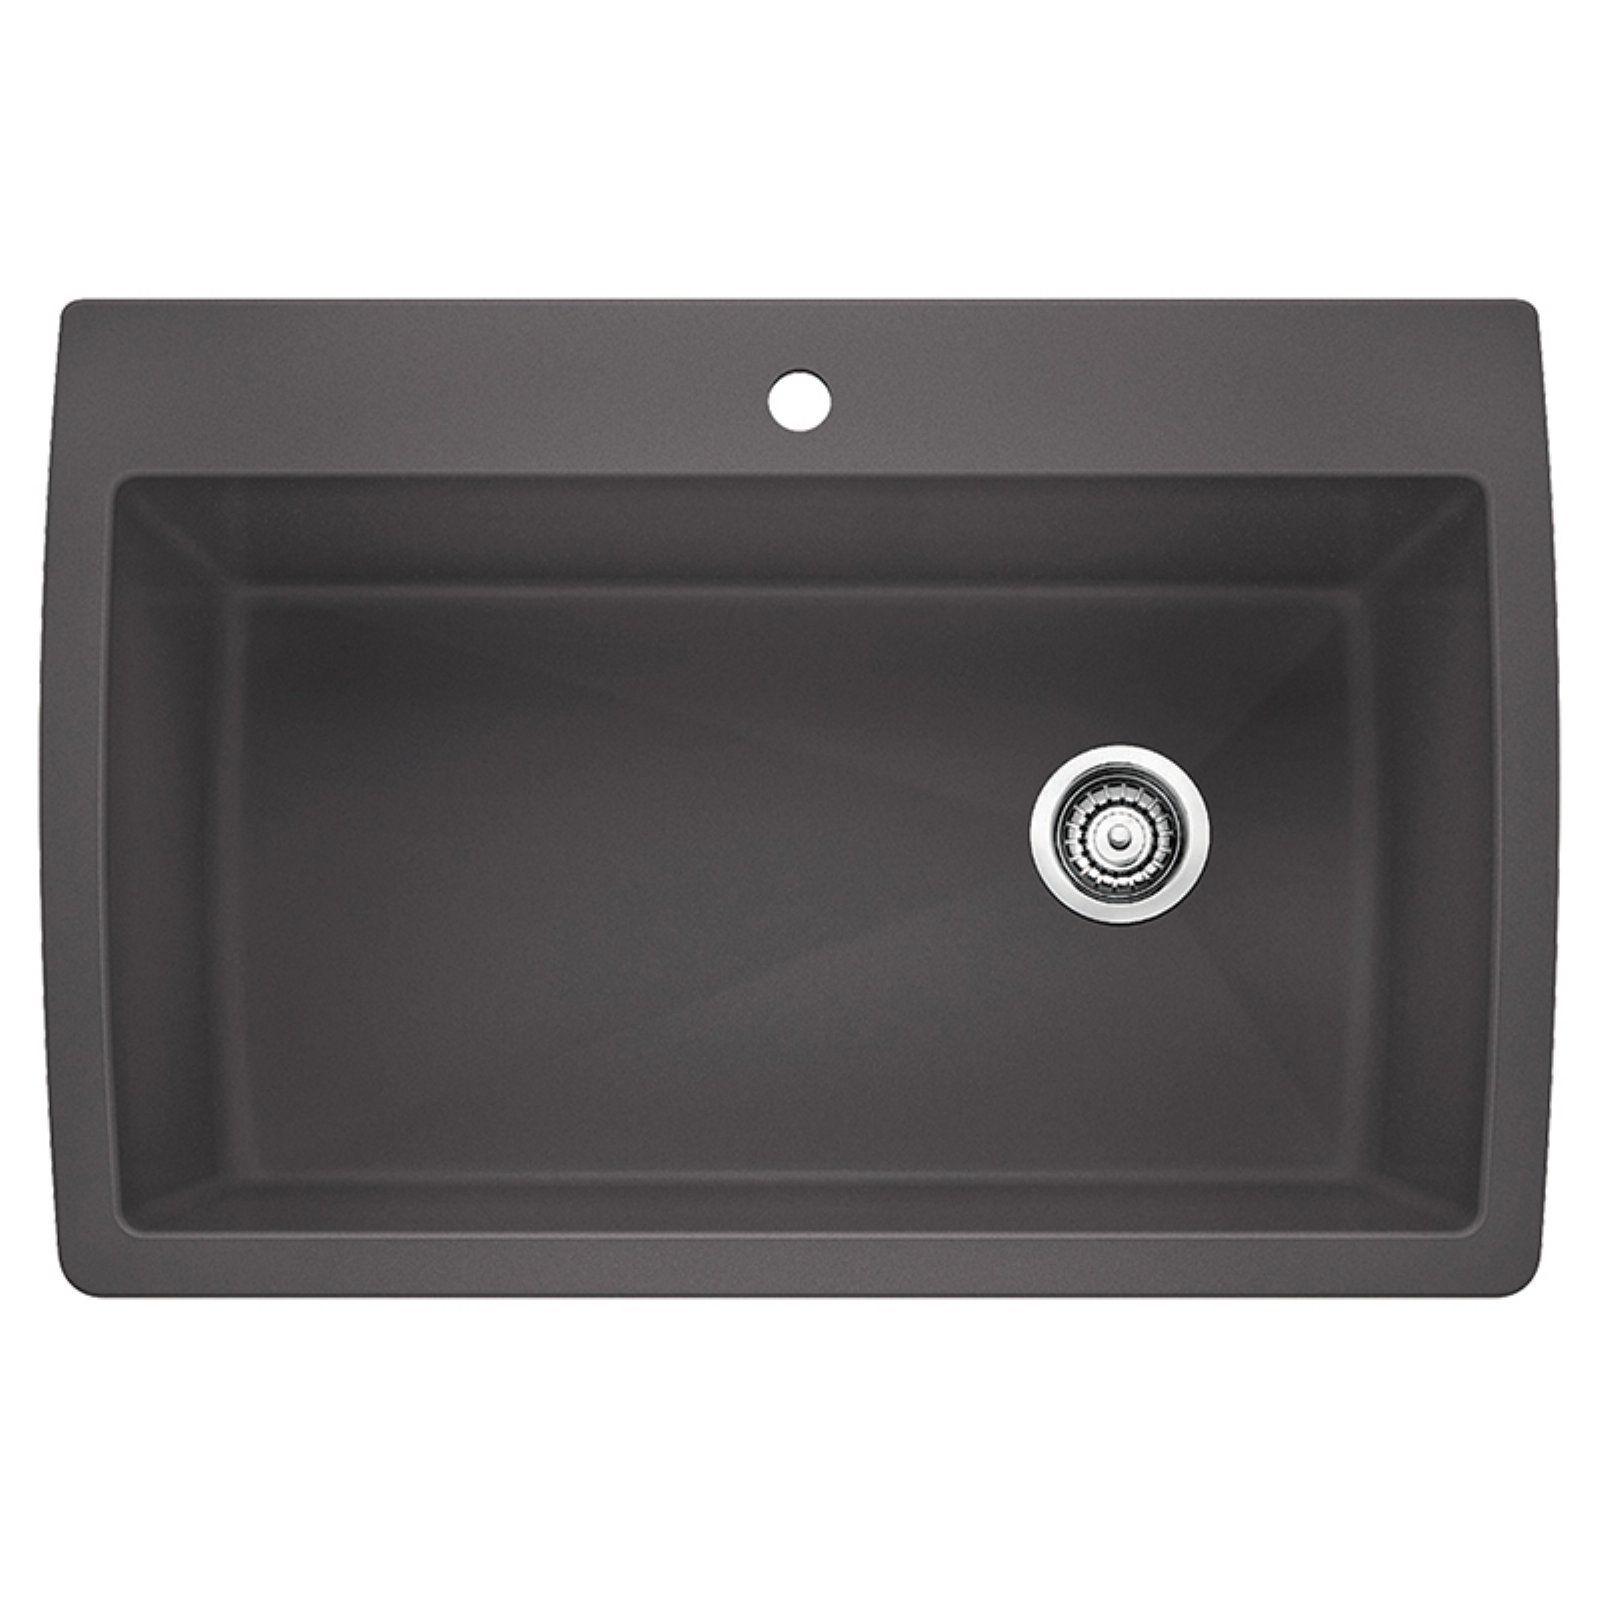 Blanco Diamond Single Basin Drop In Undermount Kitchen Sink Cinder Drop In Kitchen Sink Sink Kitchen Sink Design